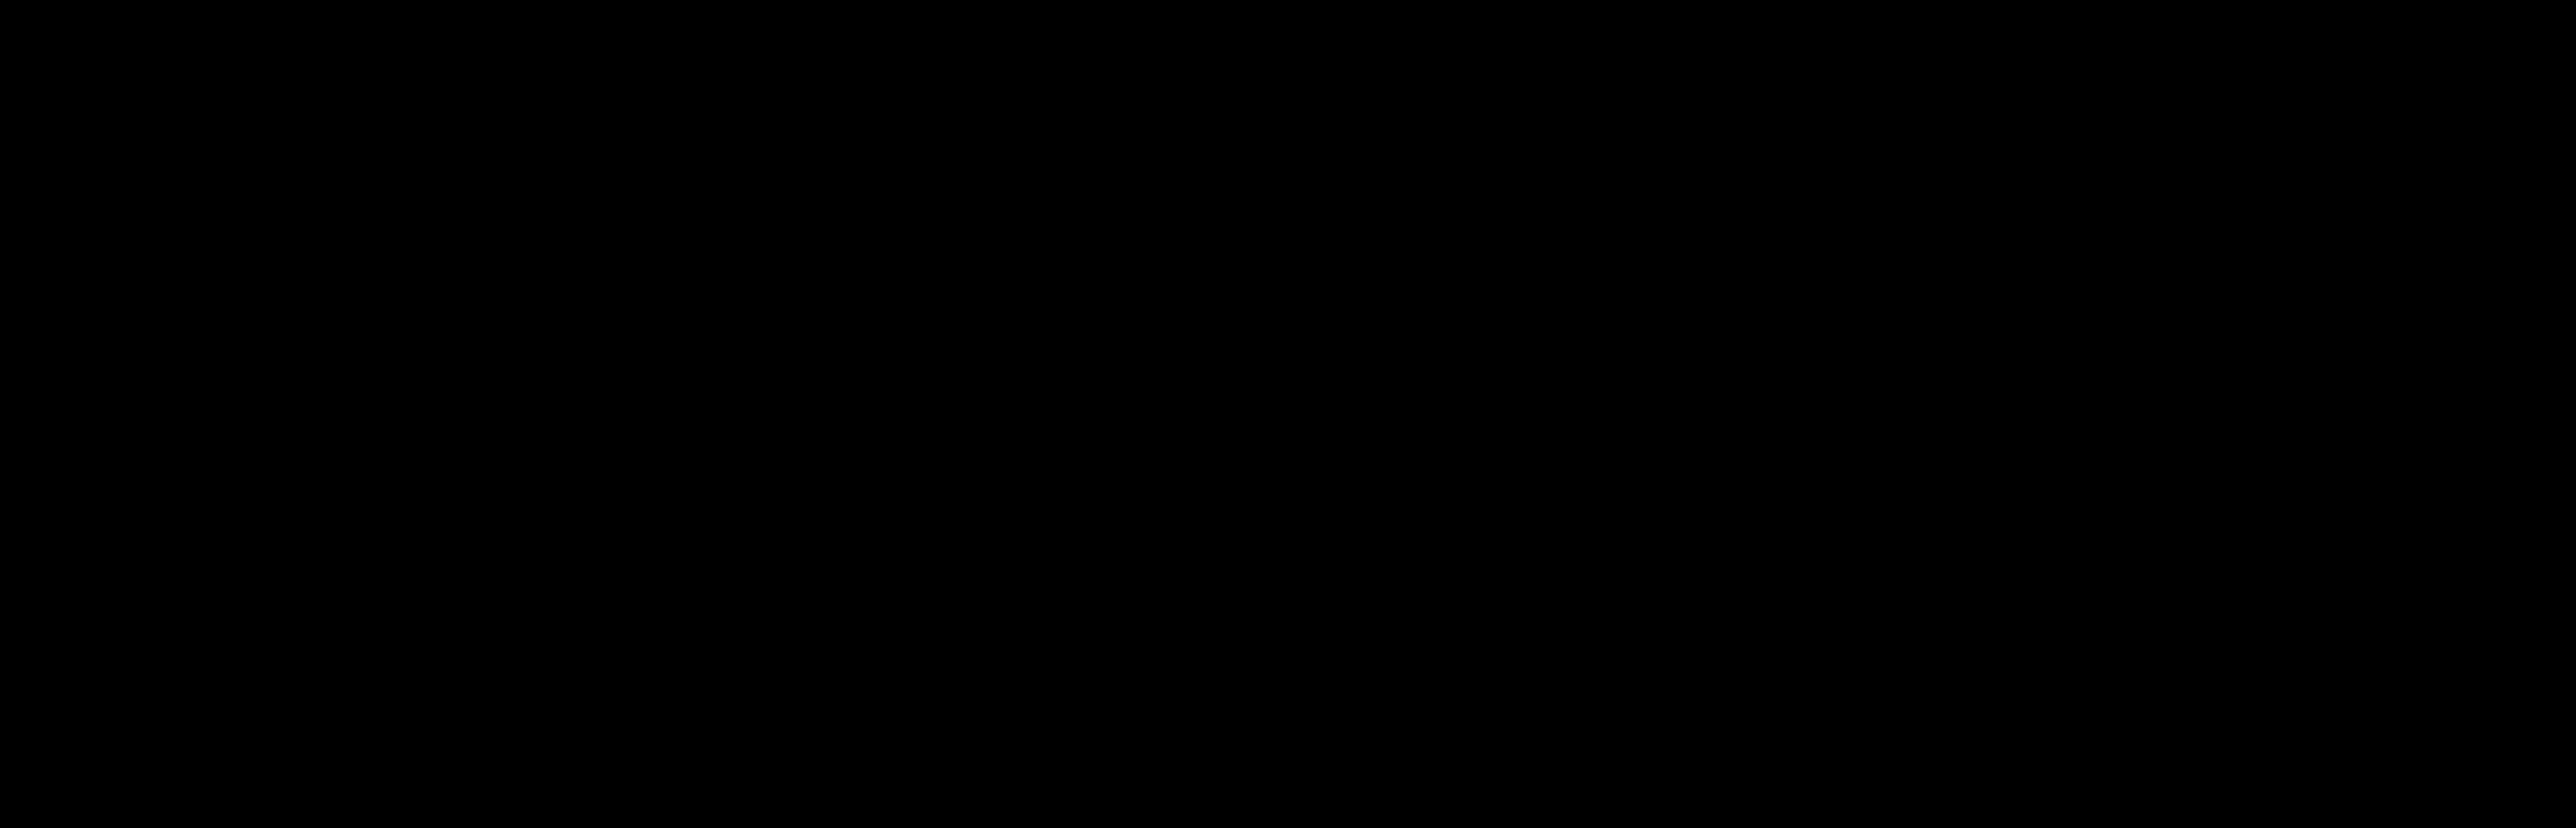 carlos pozo